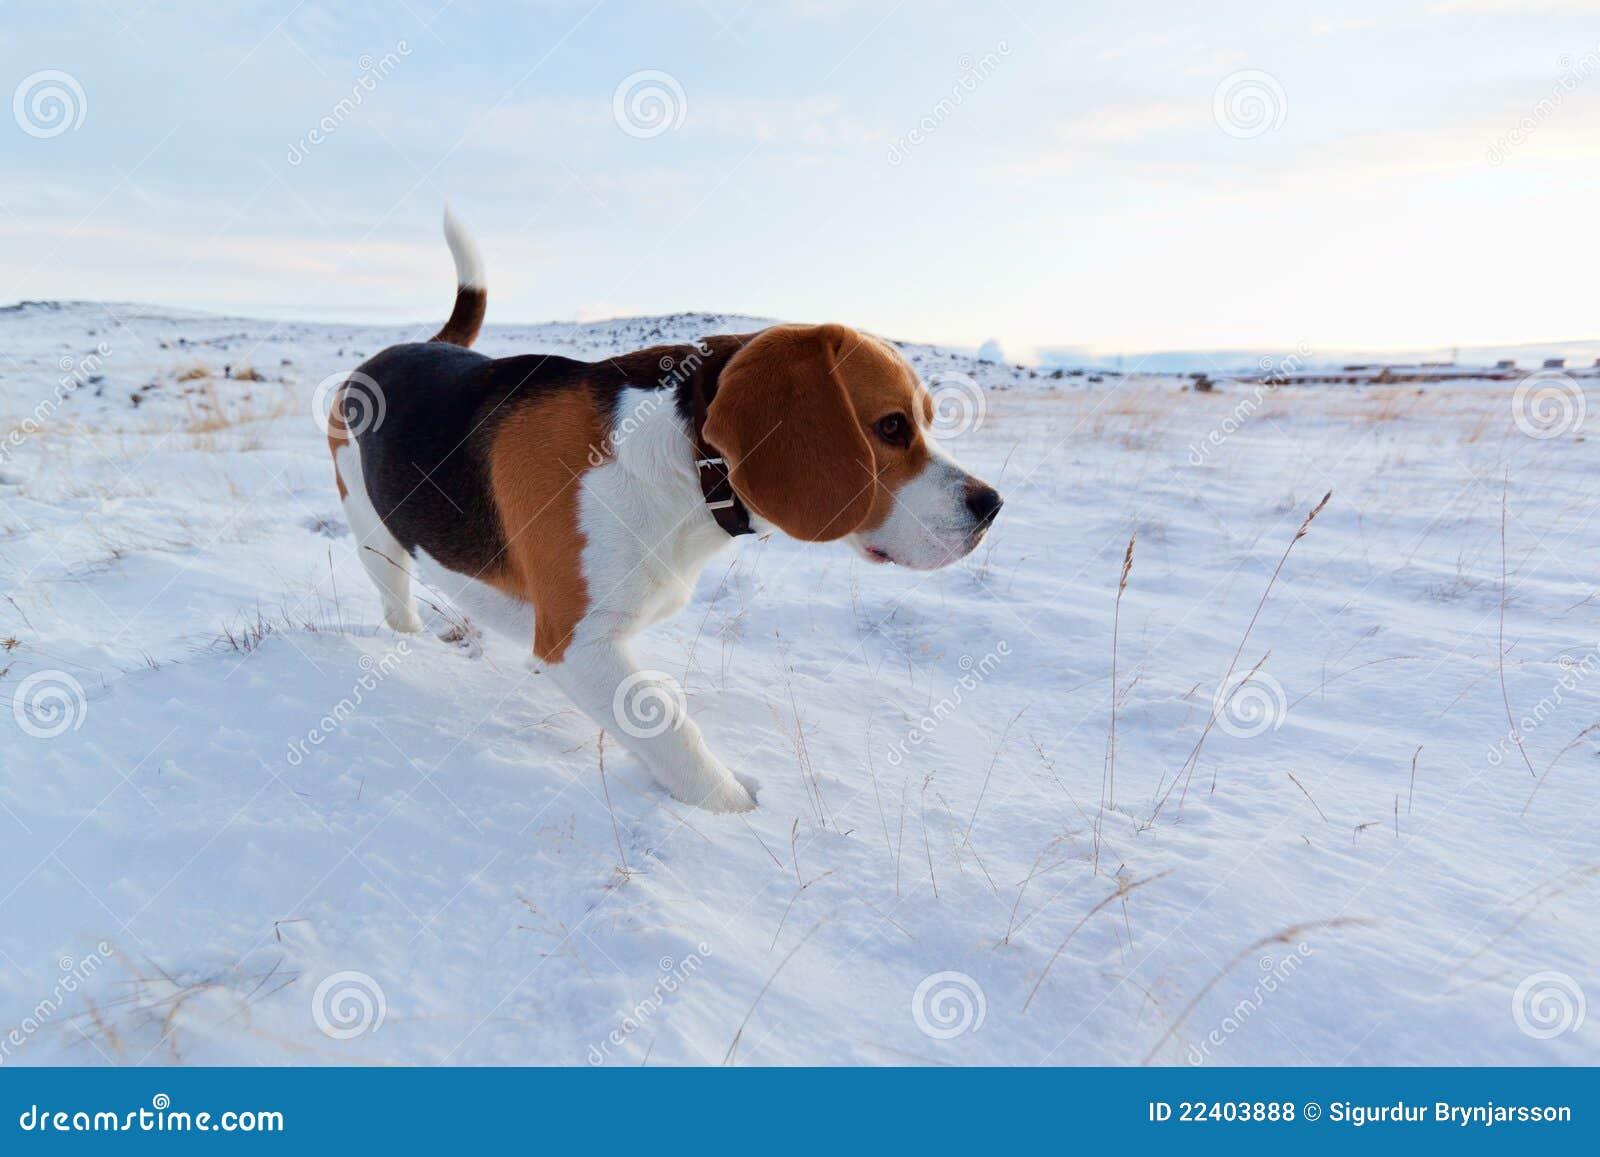 A Beagle dog in snow.